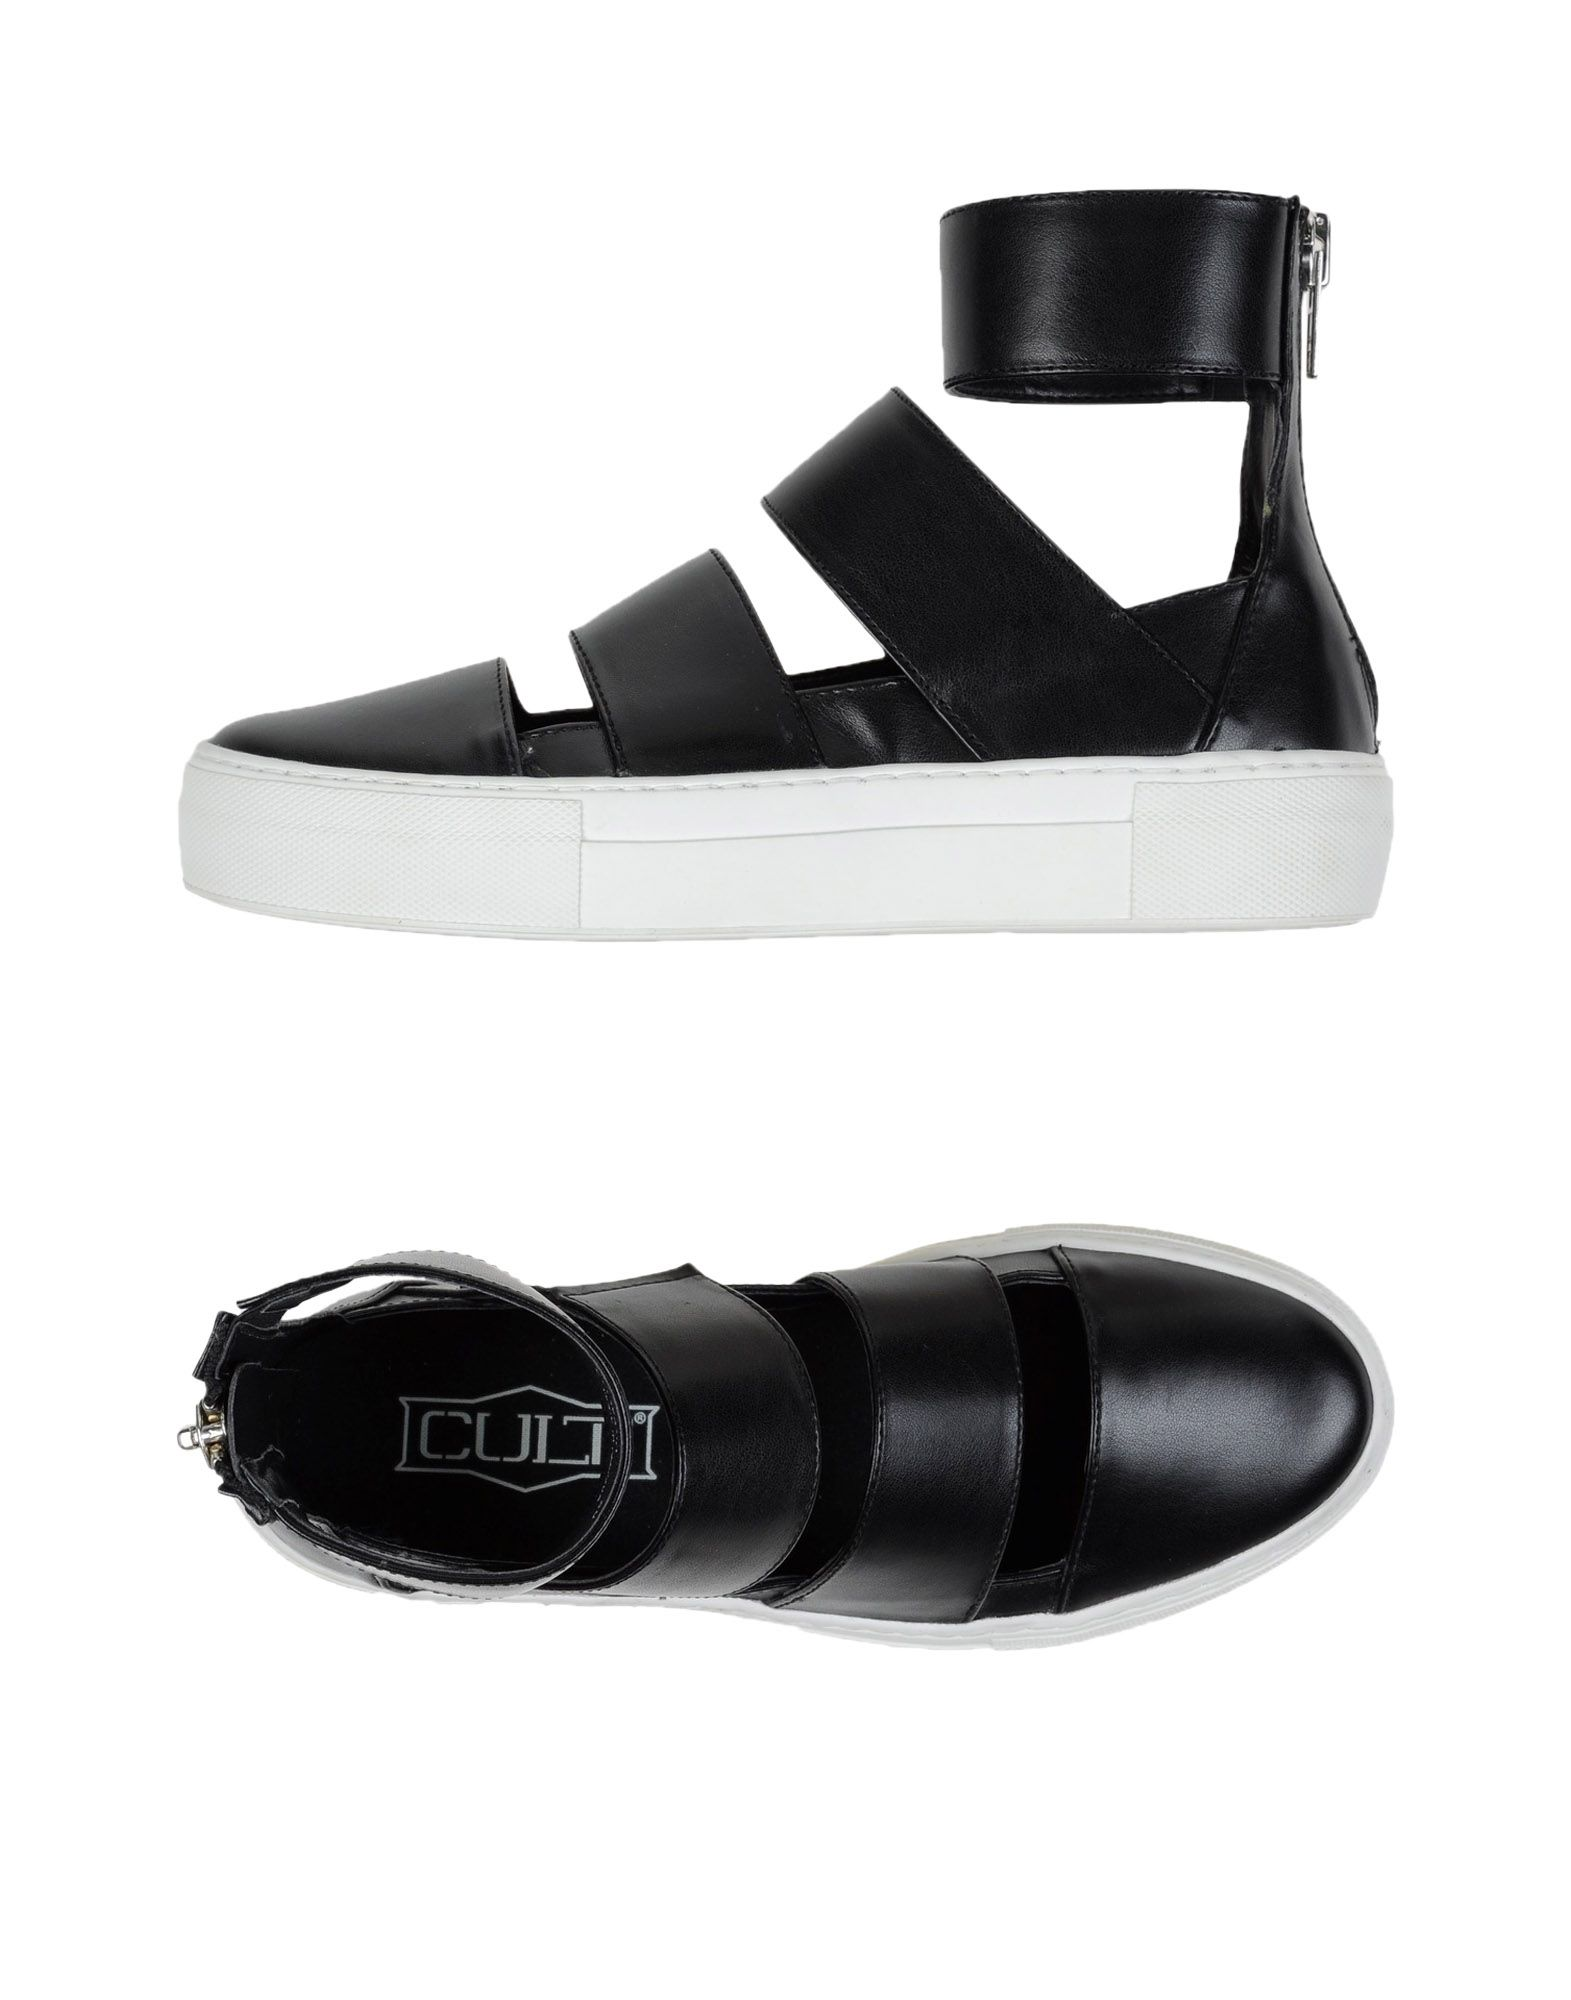 Cult Sandalen Damen  11126230LR Gute Qualität beliebte Schuhe